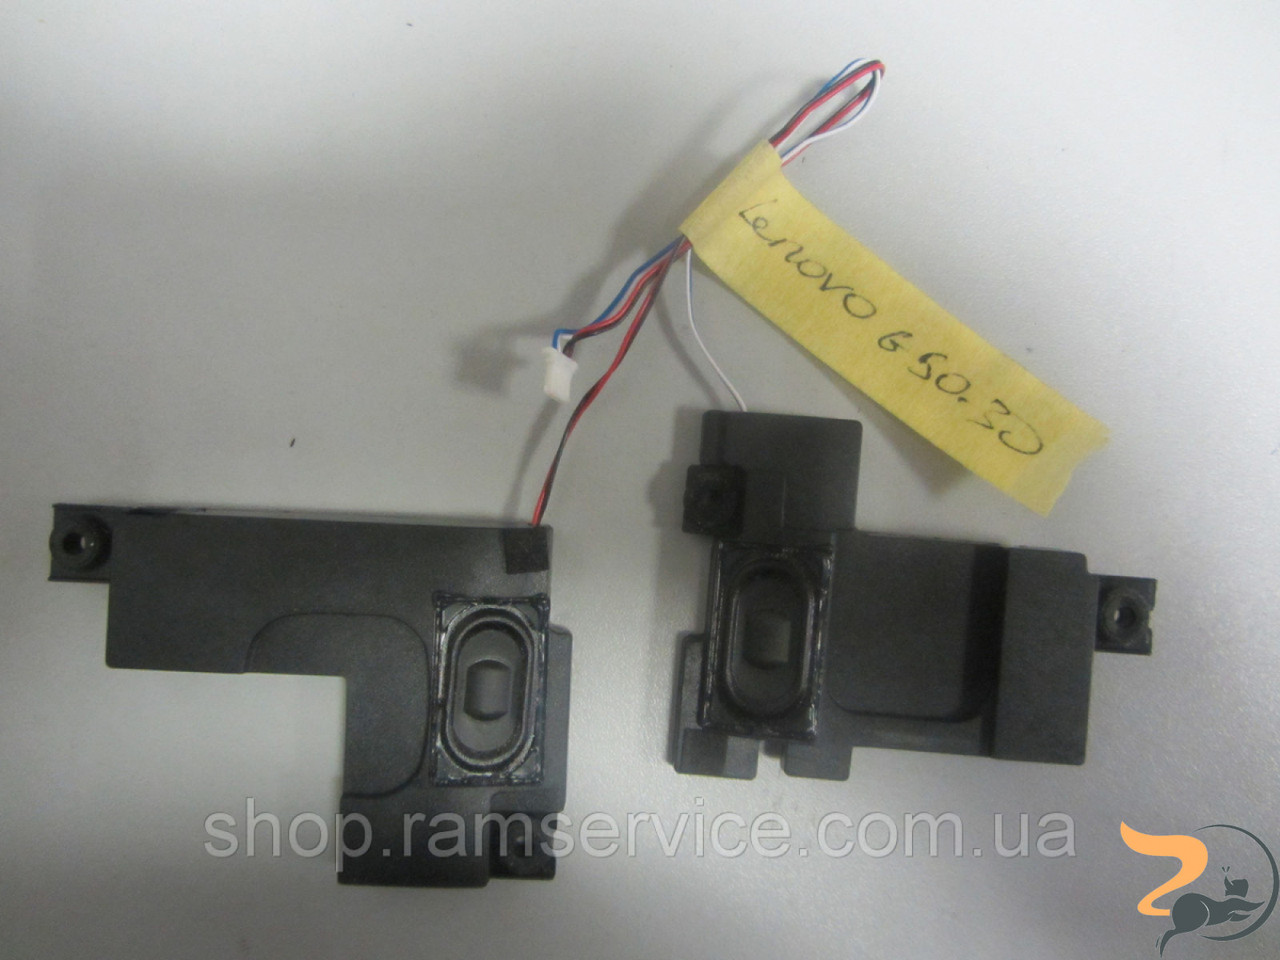 Динаміки для ноутбука Lenovo G50-30, *pk23000jz00, б/в